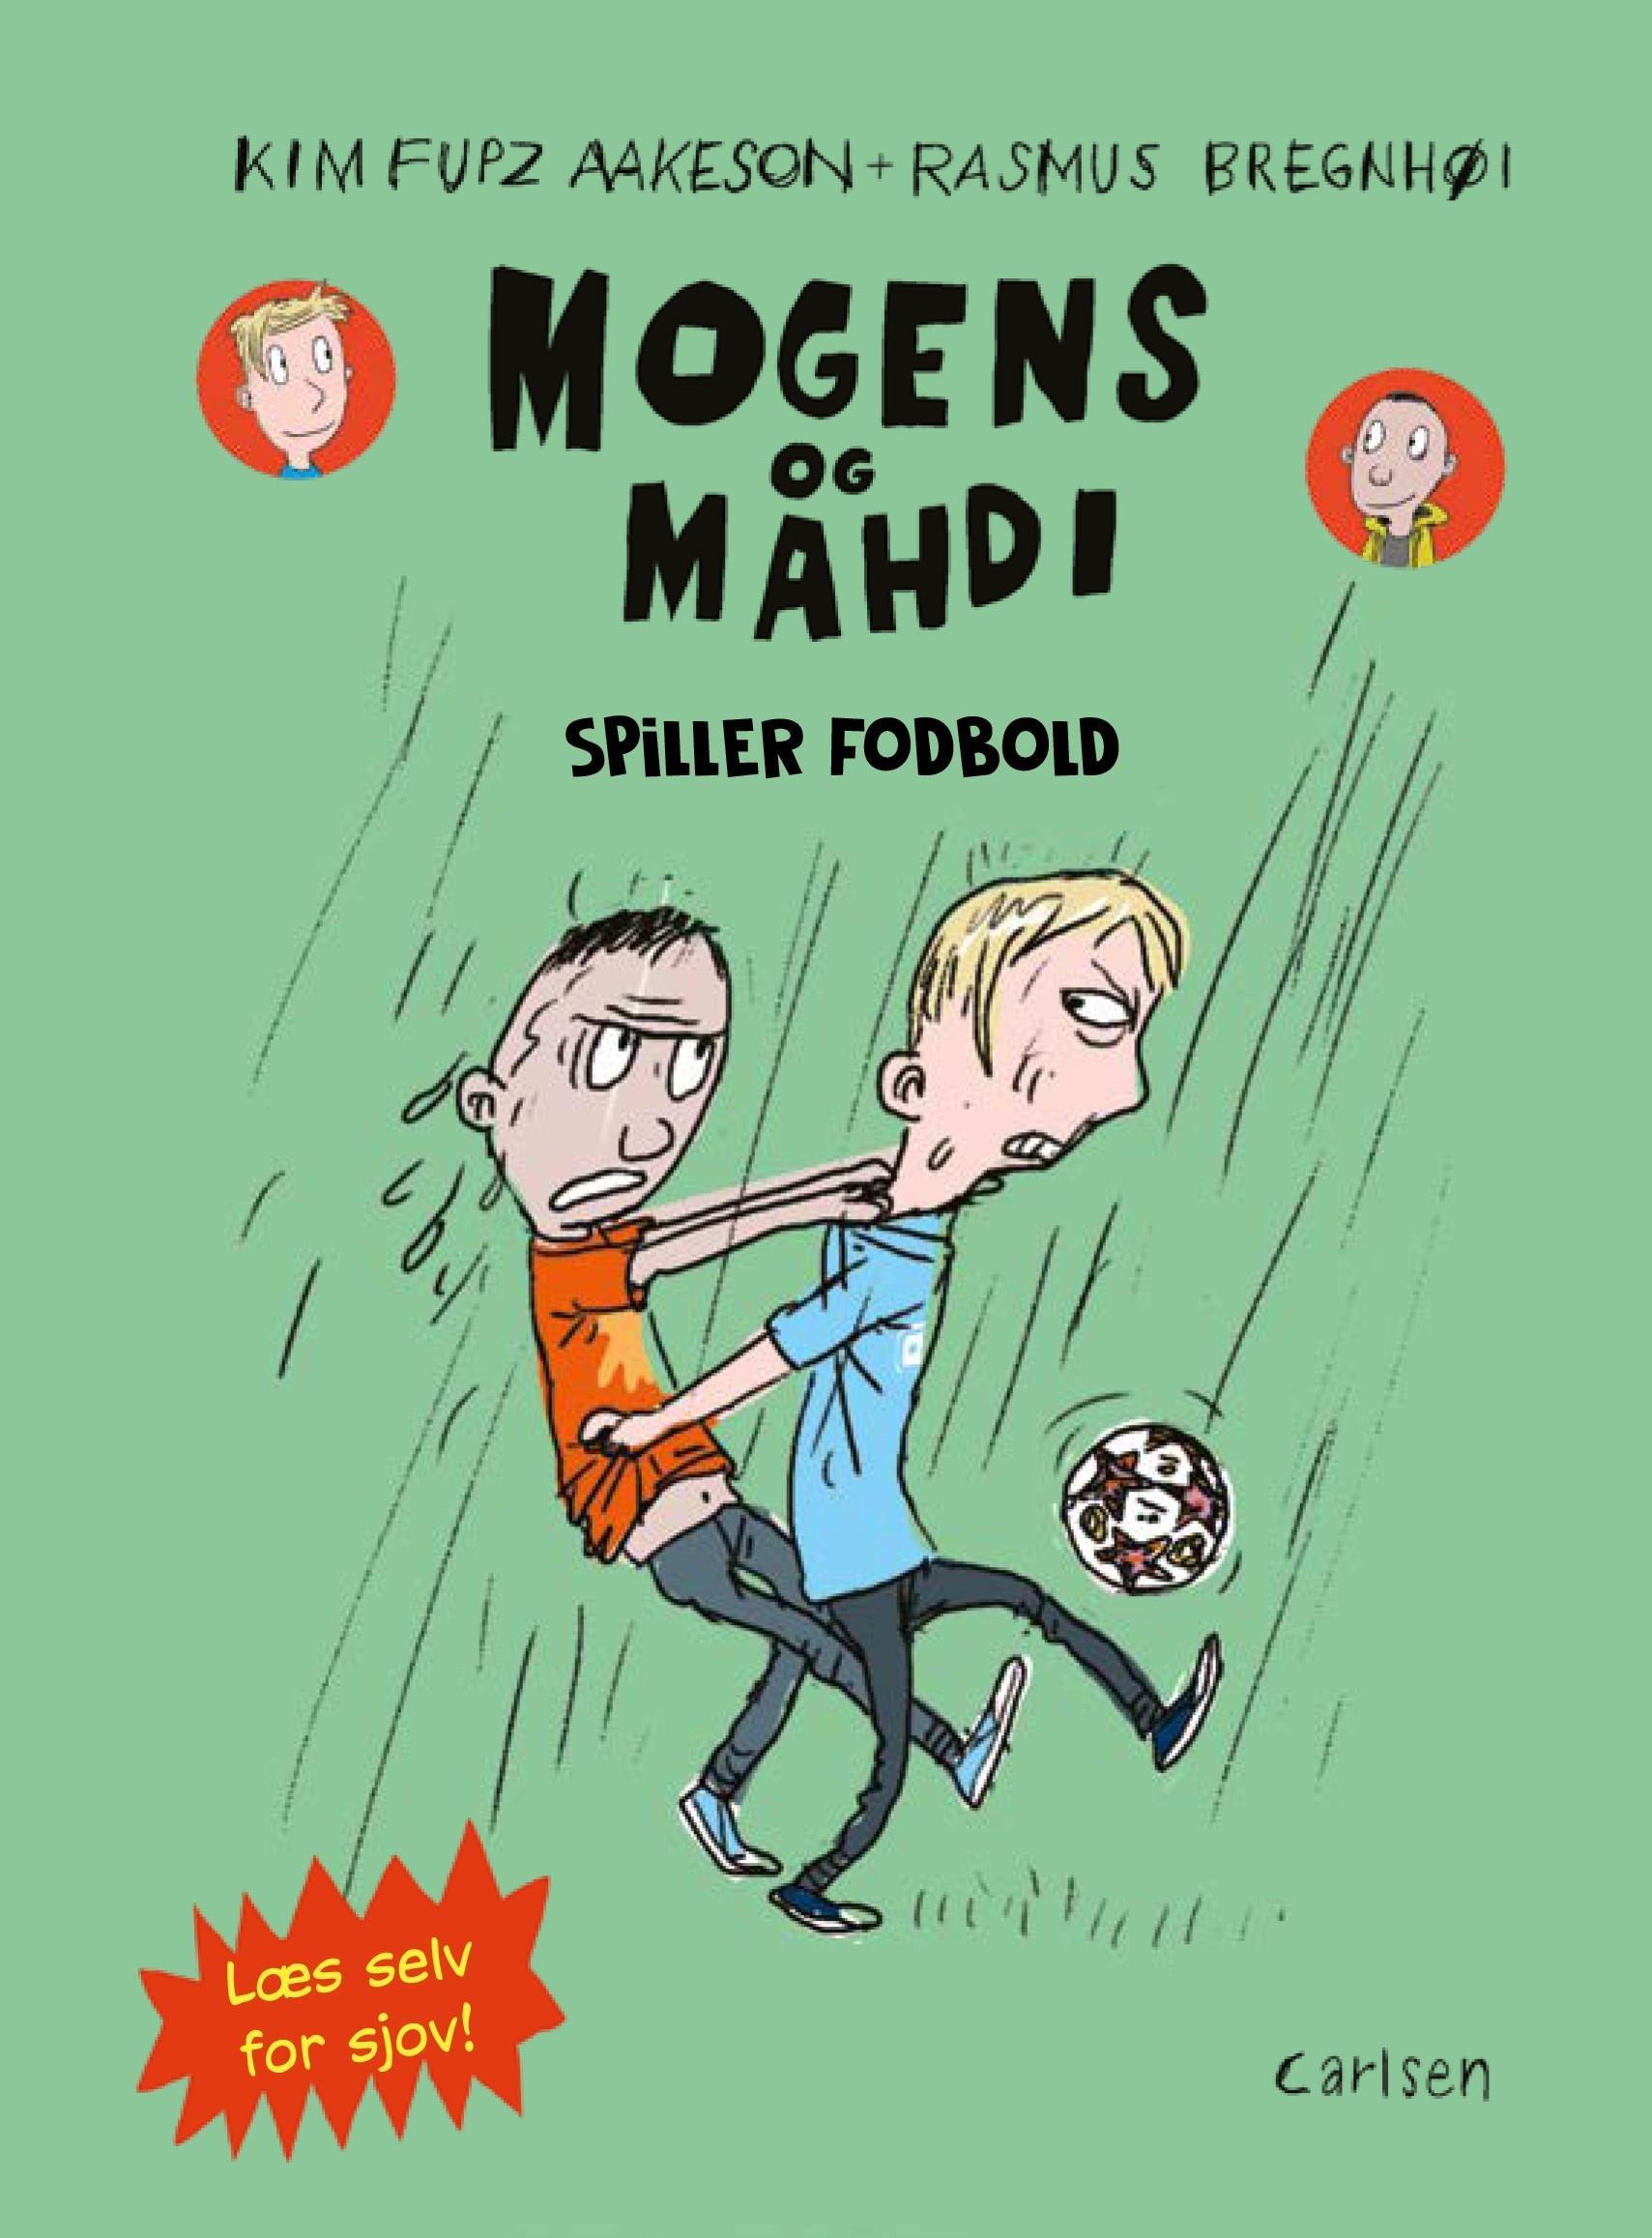 Mogens og Mahdi - Læs selv for sjov: Mogens og Mahdi spiller fodbold - Kim Fupz Aakeson - Bøger - CARLSEN - 9788711912256 - 11/4-2019